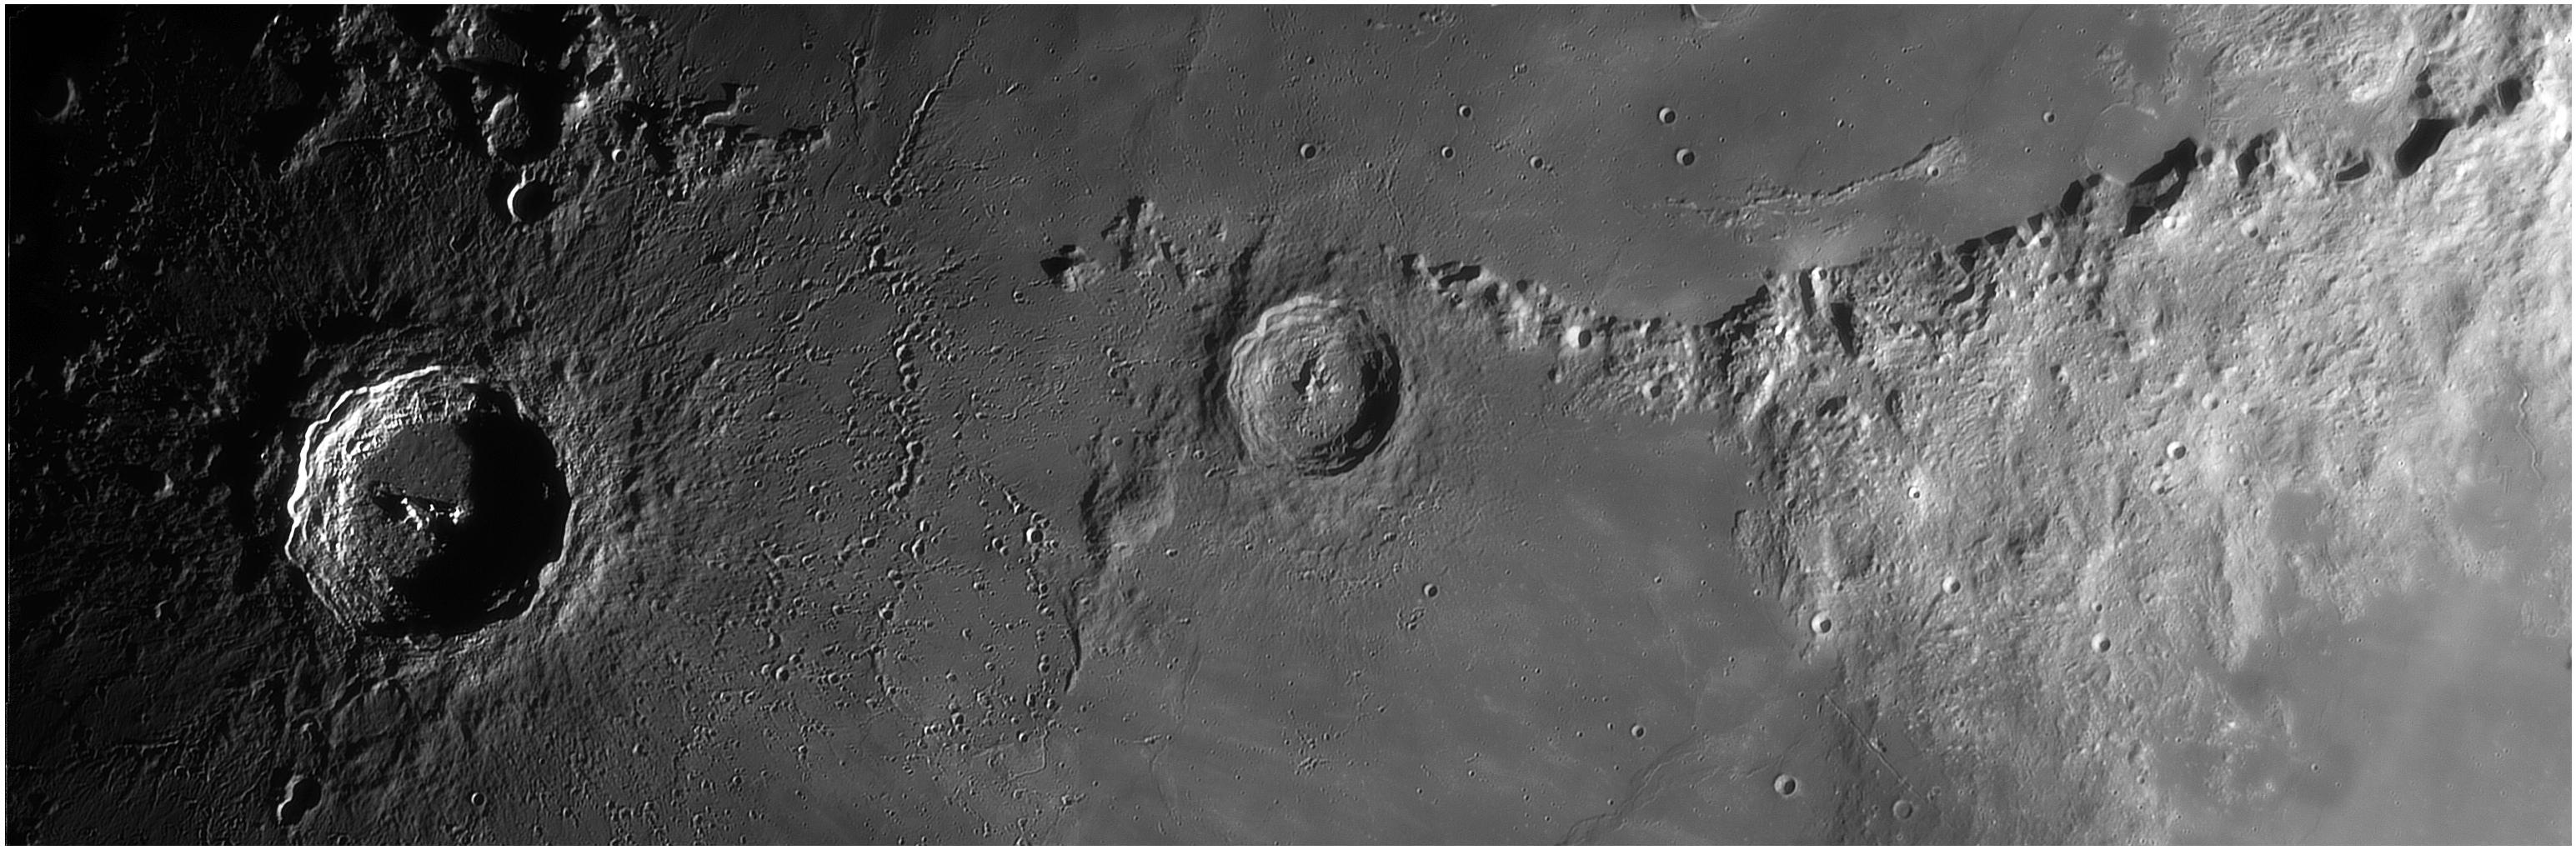 2019_01_15 de Copernic aux Apennins